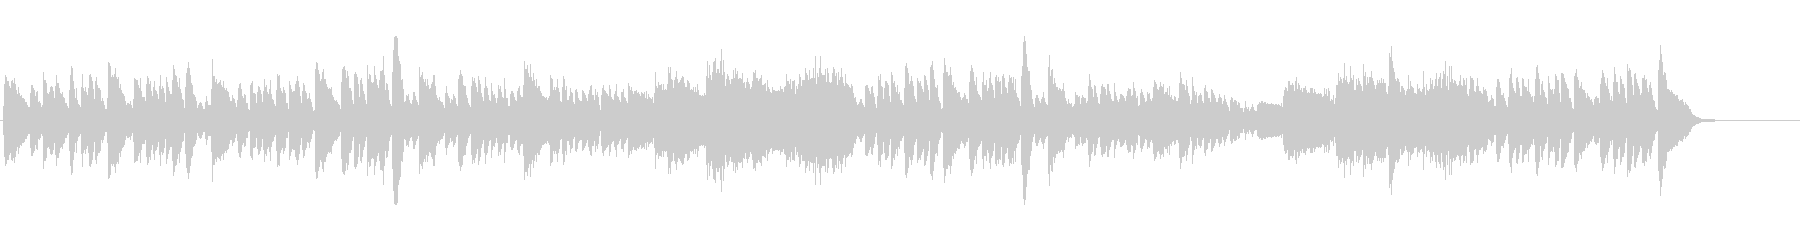 シューマン 快活で悪戯なピアノ曲 高音質の未再生の波形